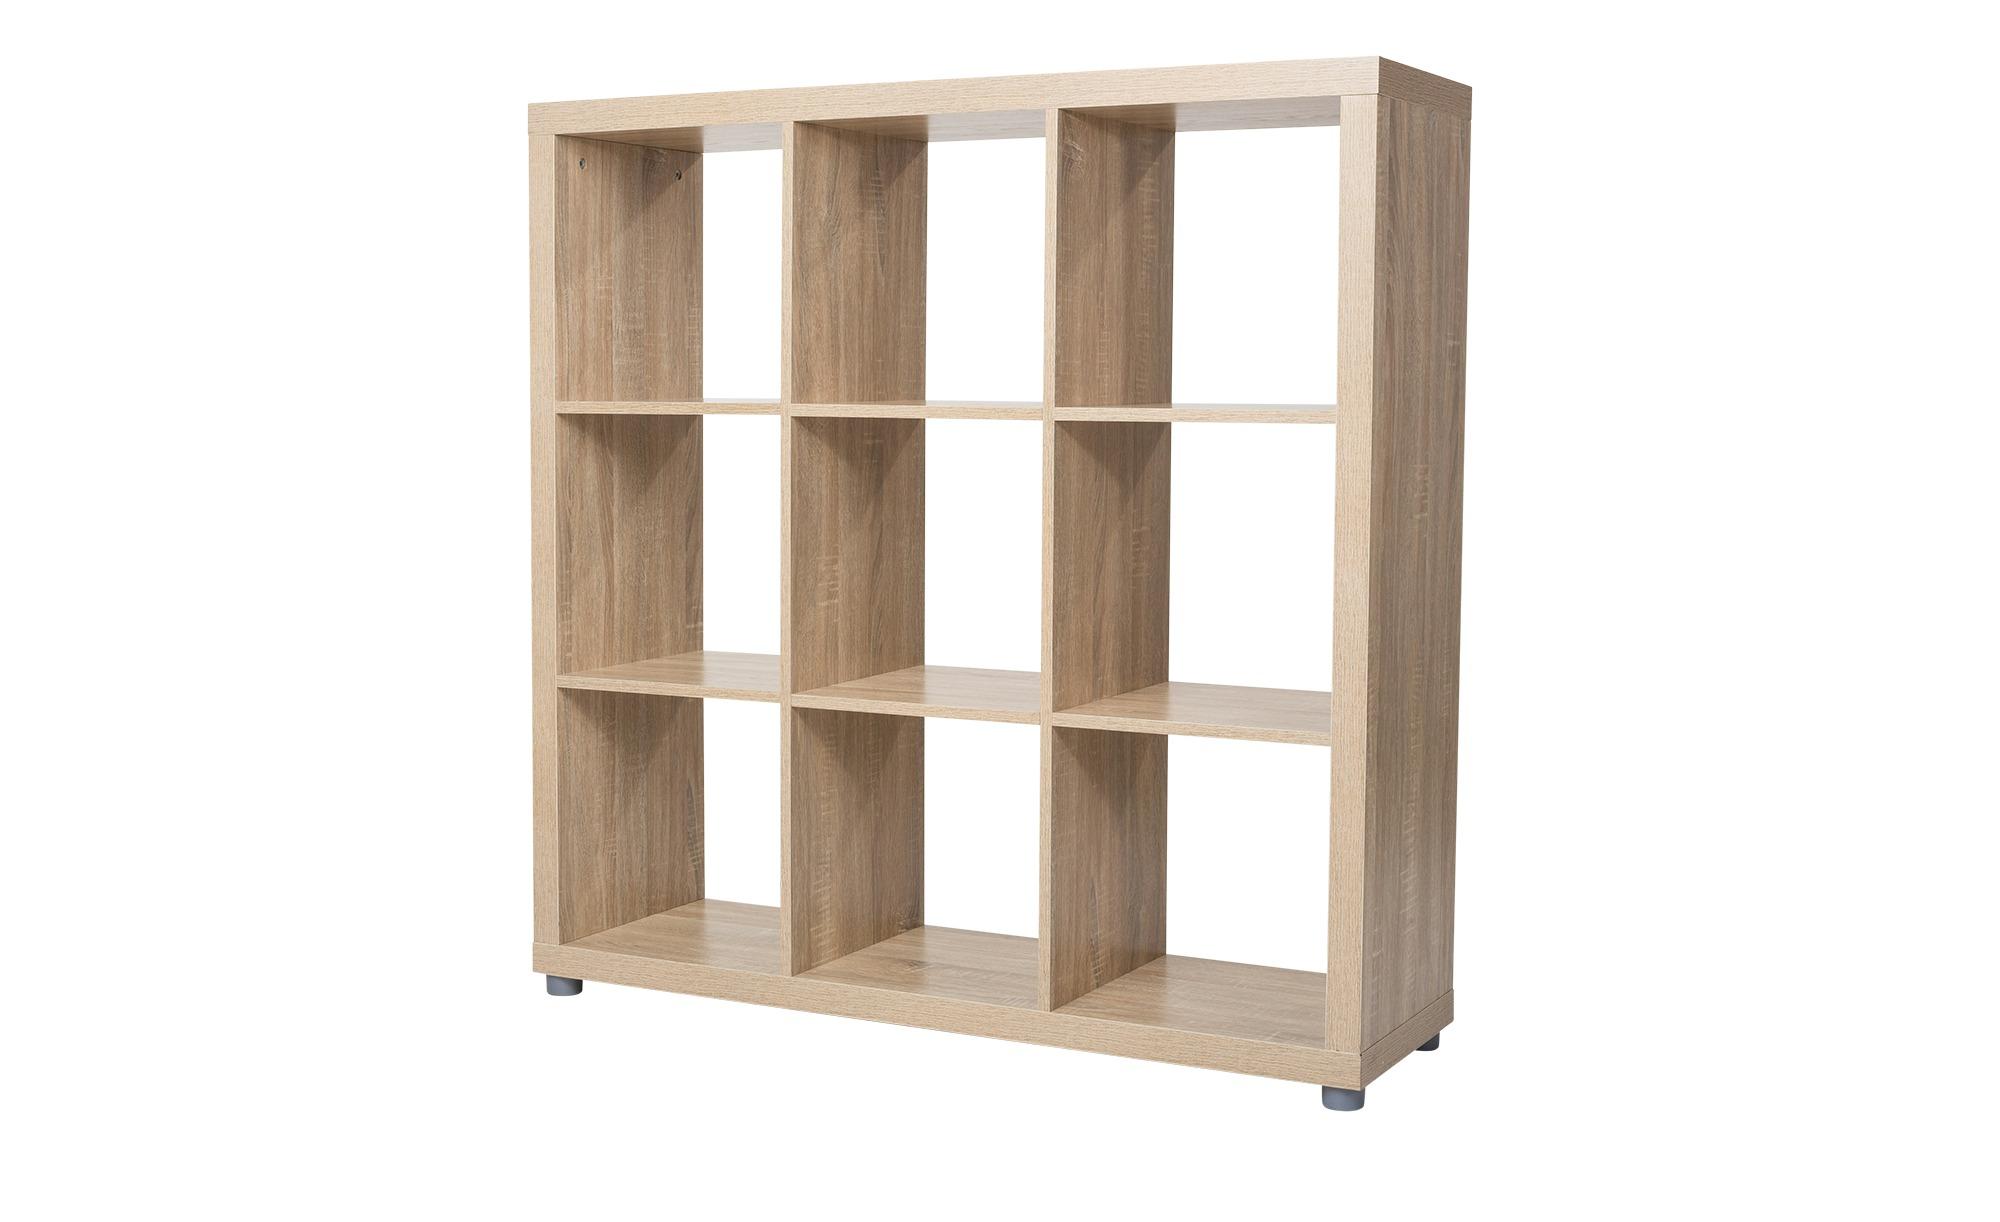 Raumteiler 3x3  Caro ¦ holzfarben ¦ Maße (cm): B: 115 H: 115 T: 35 Regale > Raumteiler - Höffner | Wohnzimmer > Regale | Holzfarben | Holzwerkstoff | Möbel Höffner DE